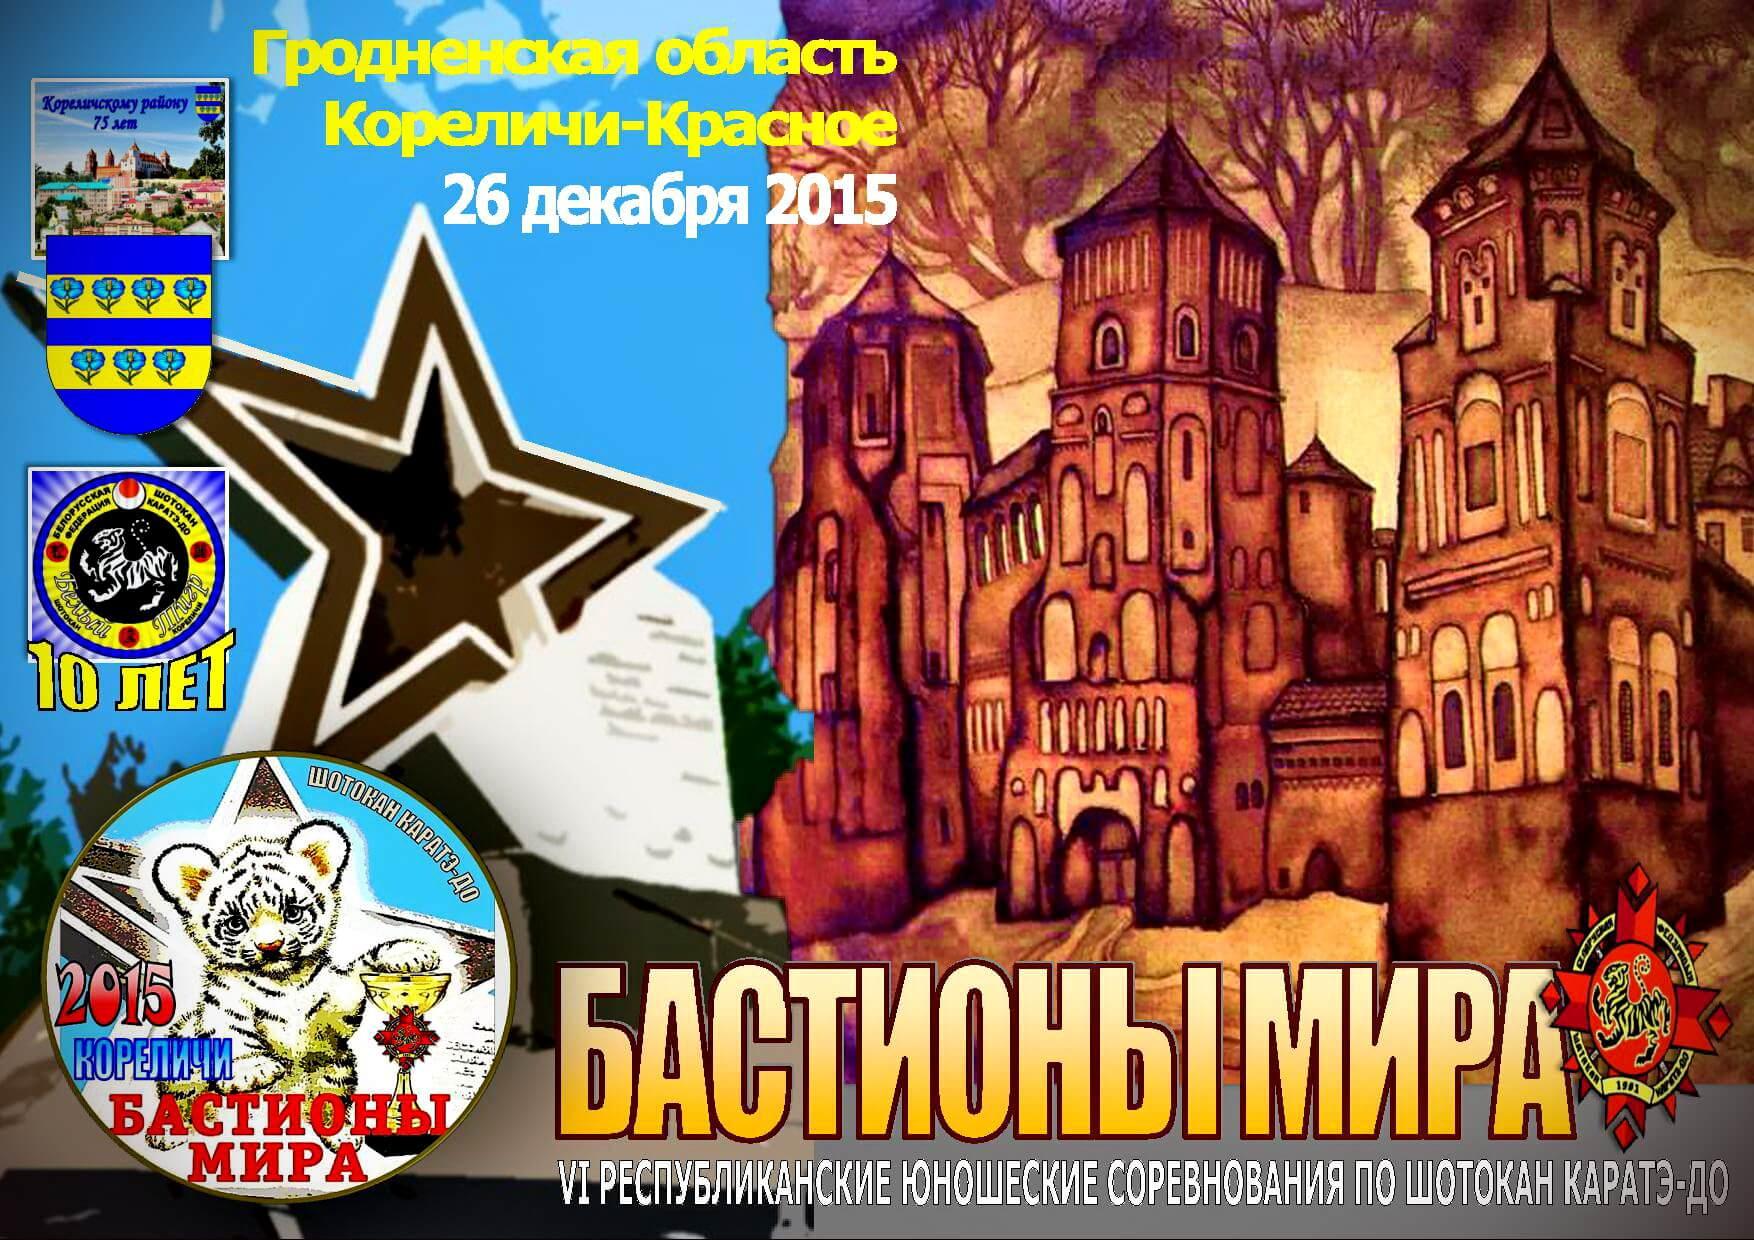 Кореличи-2015 Постер new